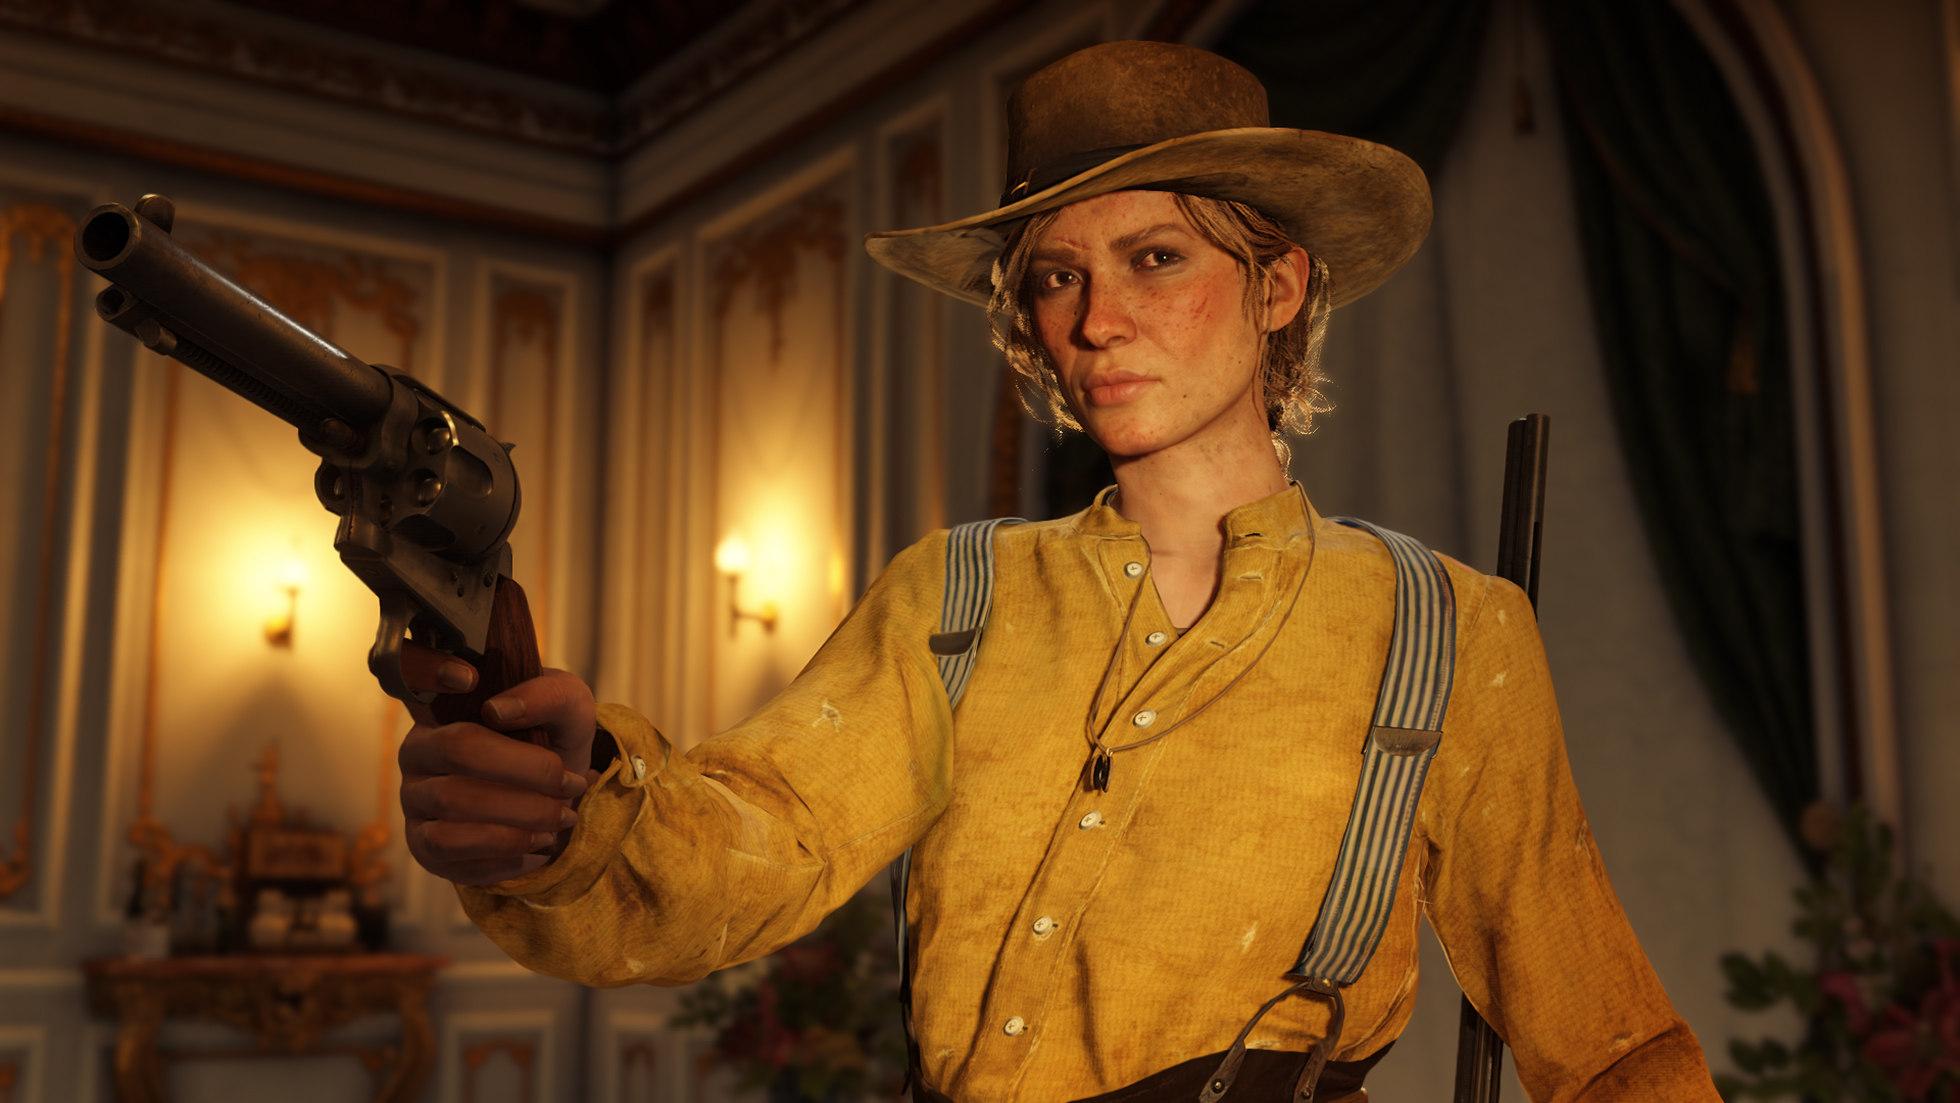 Neue Screenshots zu Red Dead Redemption 2 zeigen Tierwelt, Open World und Charaktere. Bild 15 - Quelle: Rockstar Games